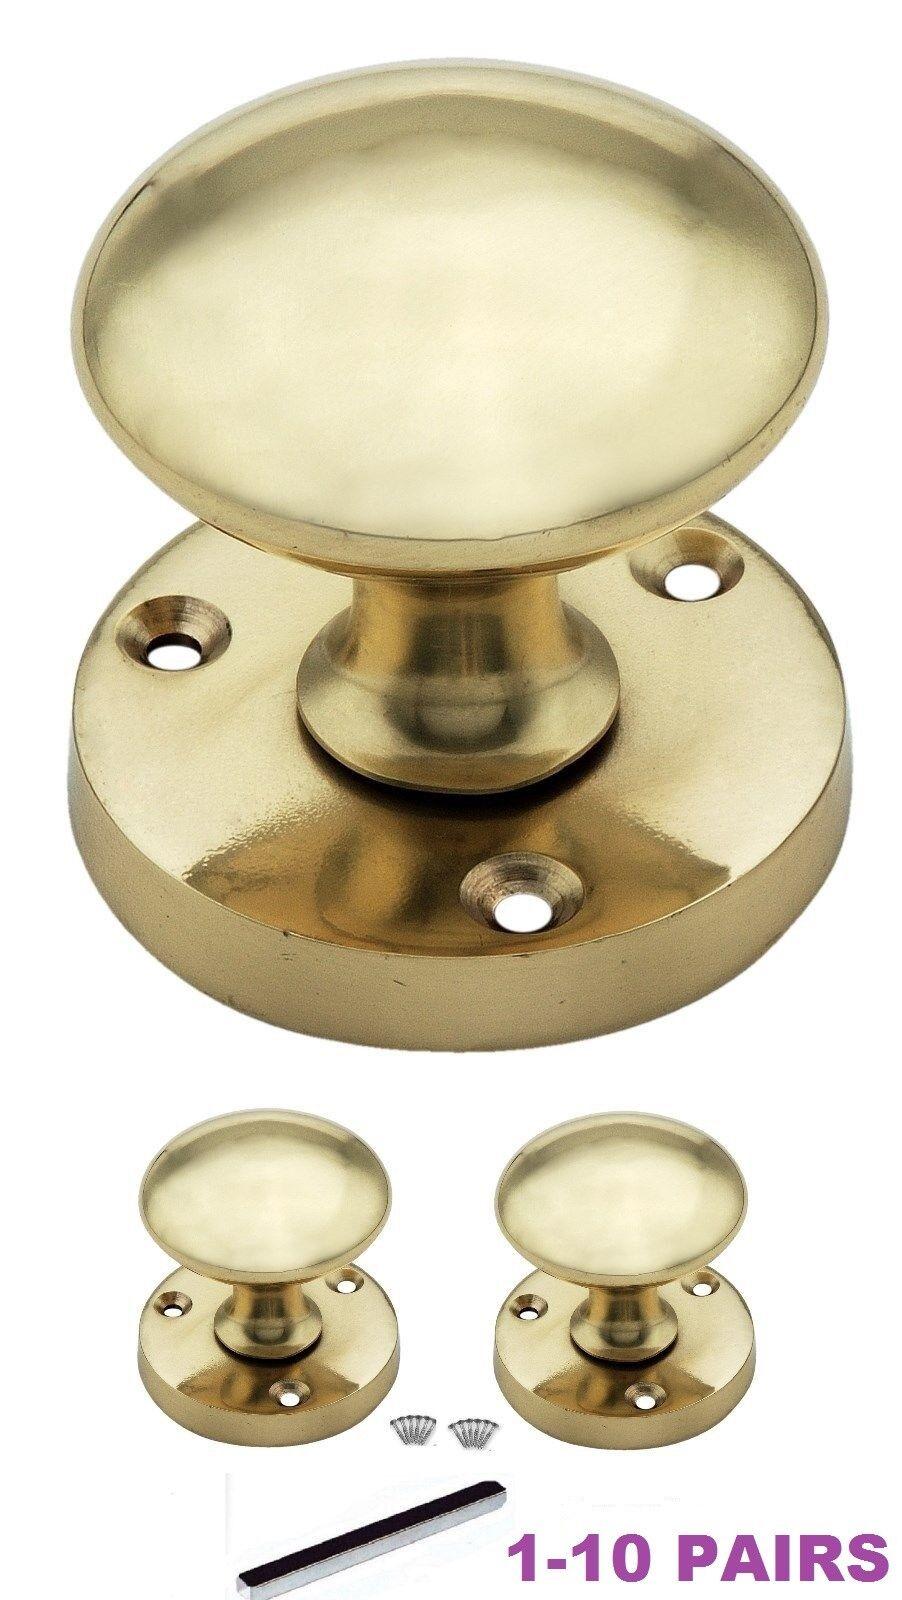 1-10 OPTIONS INTERIOR BRASS Door Handle Knobs SETS 56mm Diameter D27